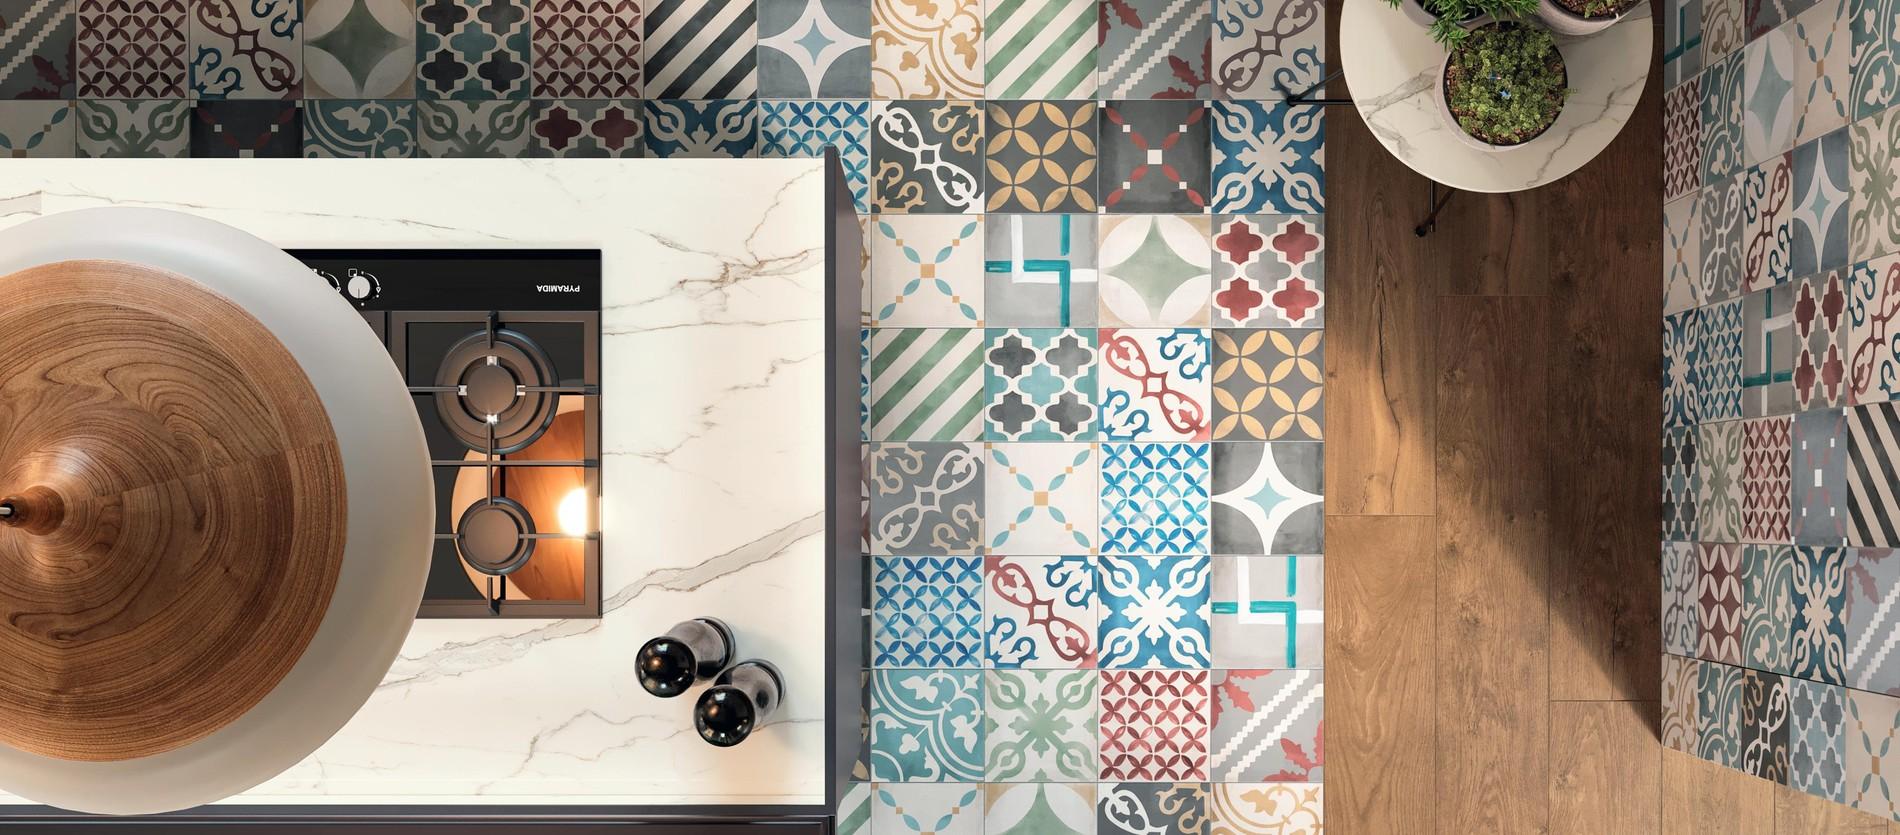 Encaustic tiles: nouveau and deco light and color.